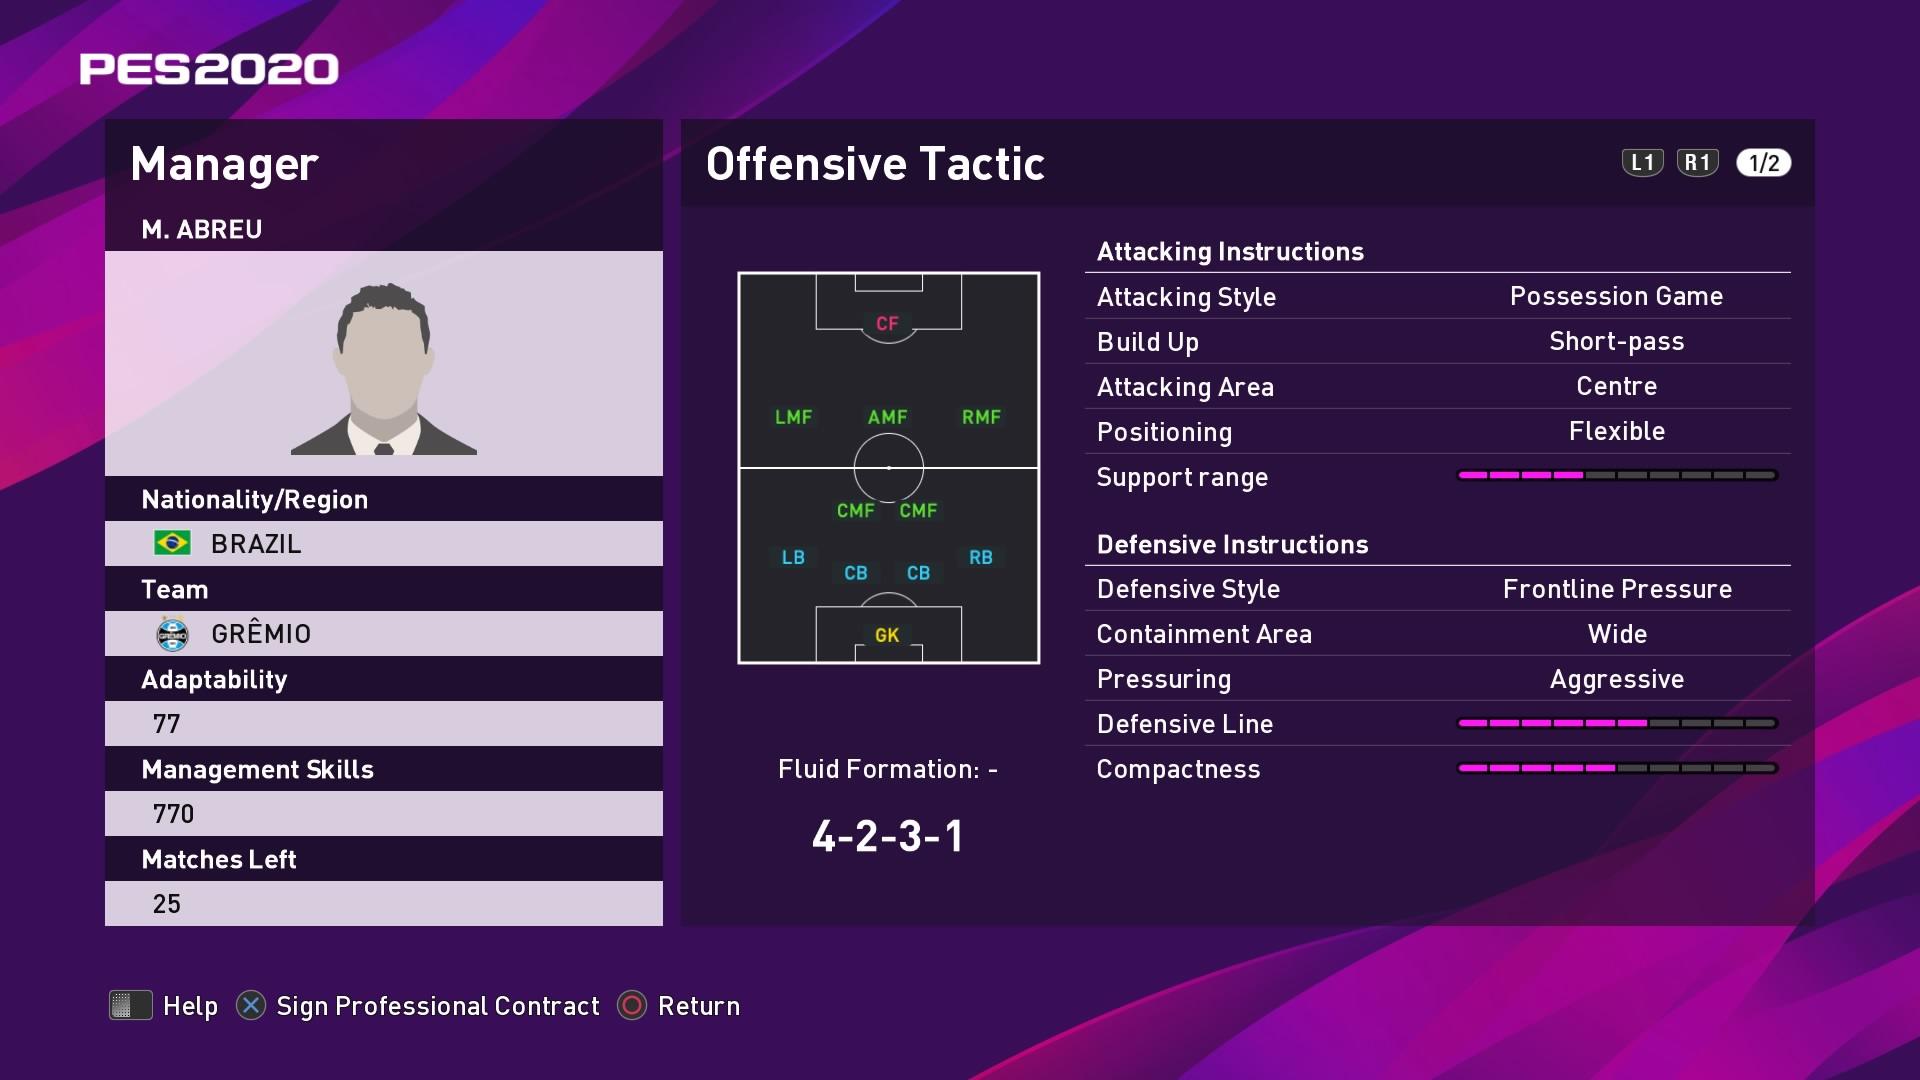 M. Abreu (Renato Portaluppi) Offensive Tactic in PES 2020 myClub